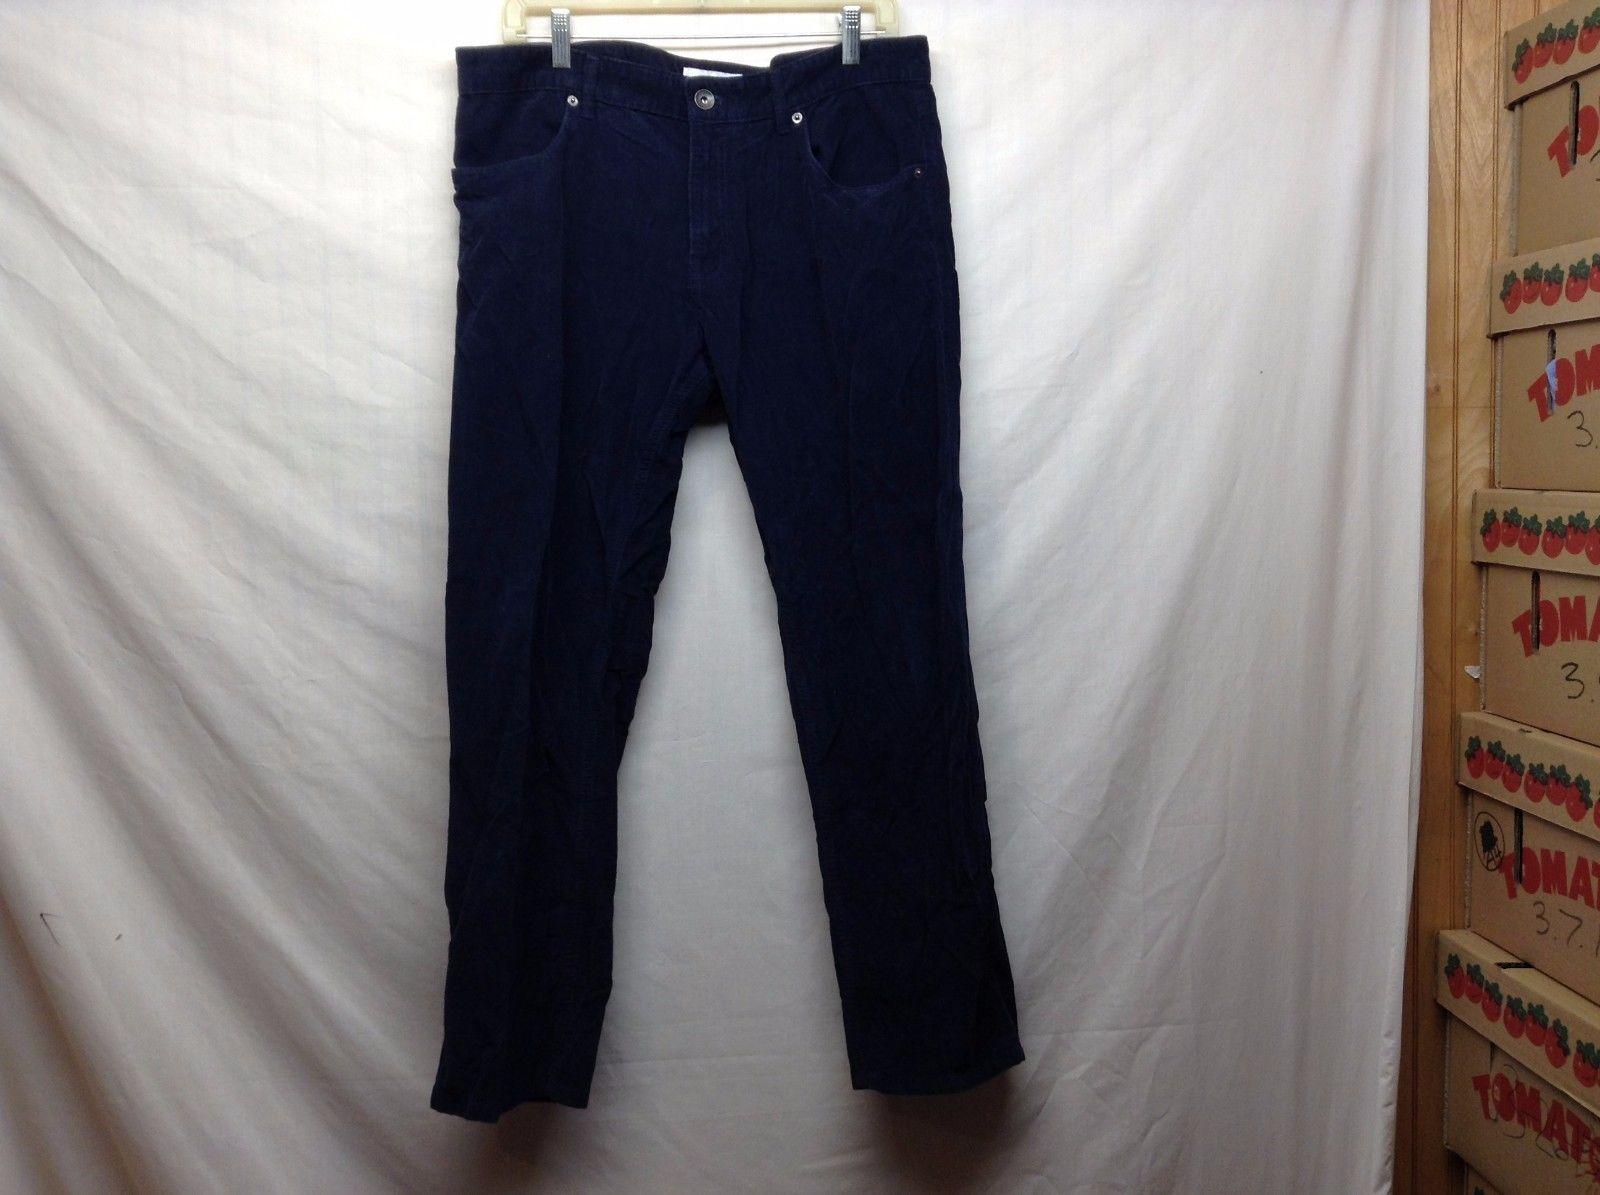 Calvin Klein Navy Blue Corduroy Slimfit Pants Sz 36/30